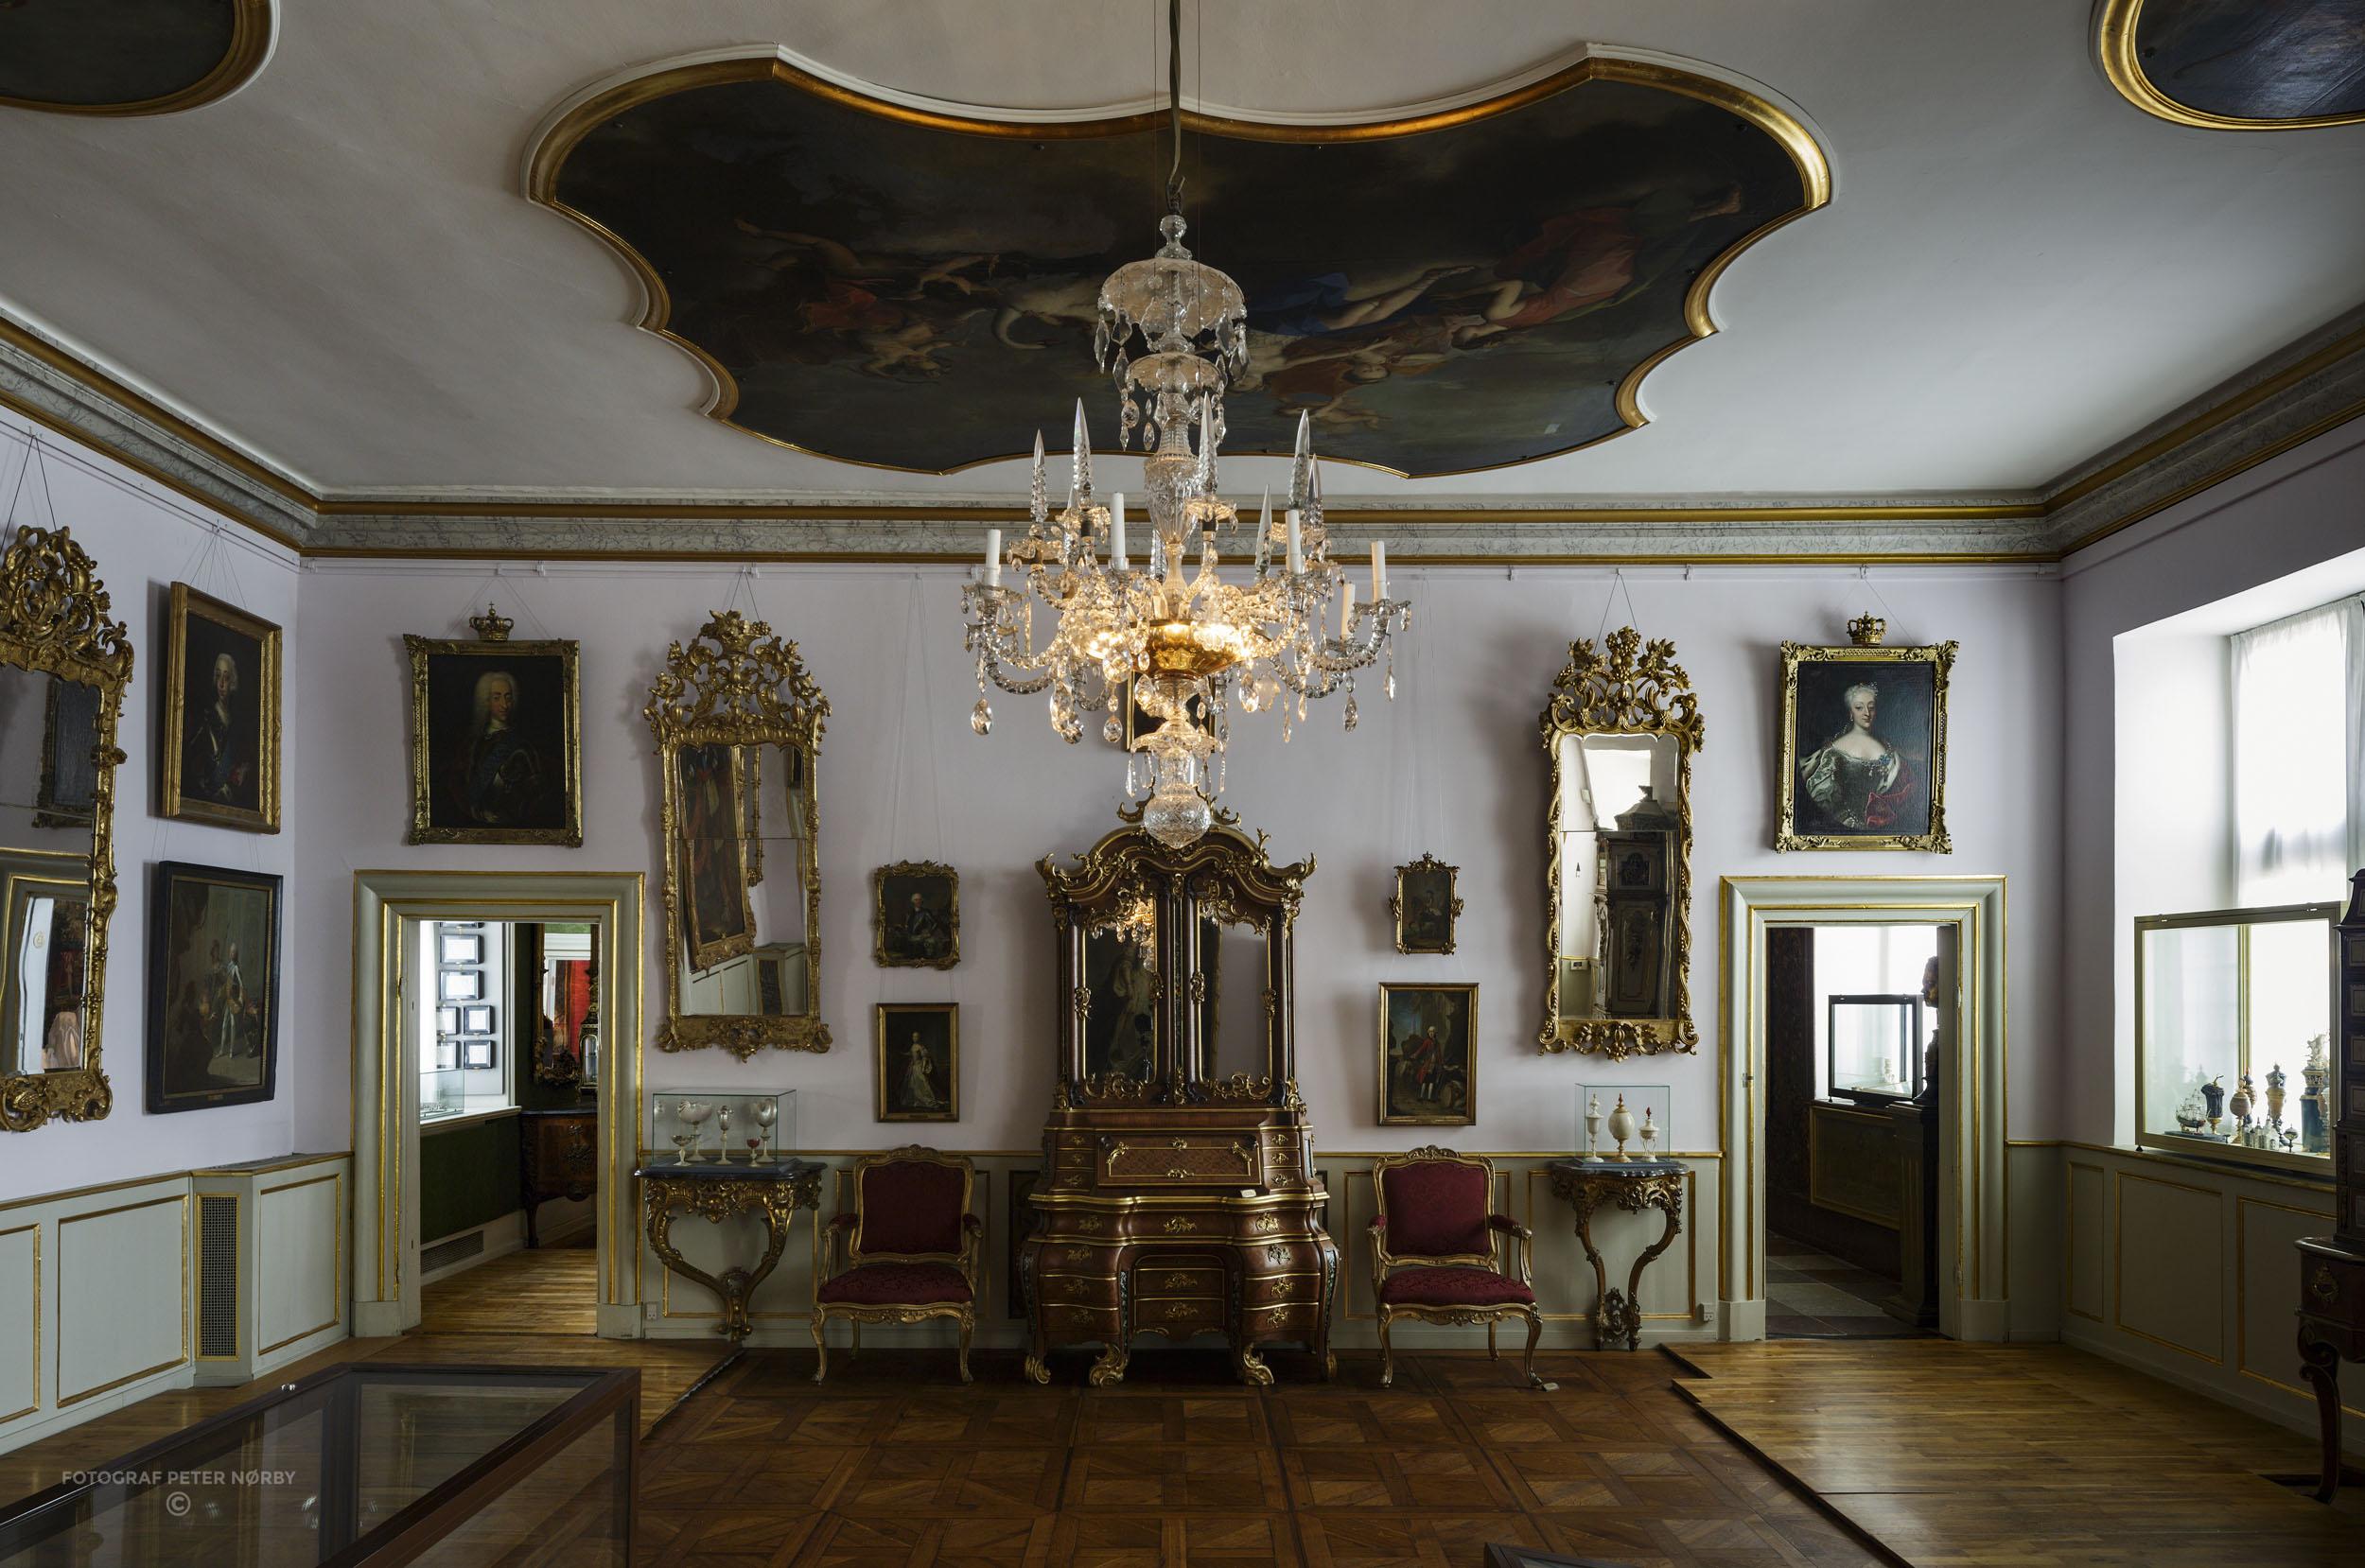 Rosenborg_Room13_01.jpg